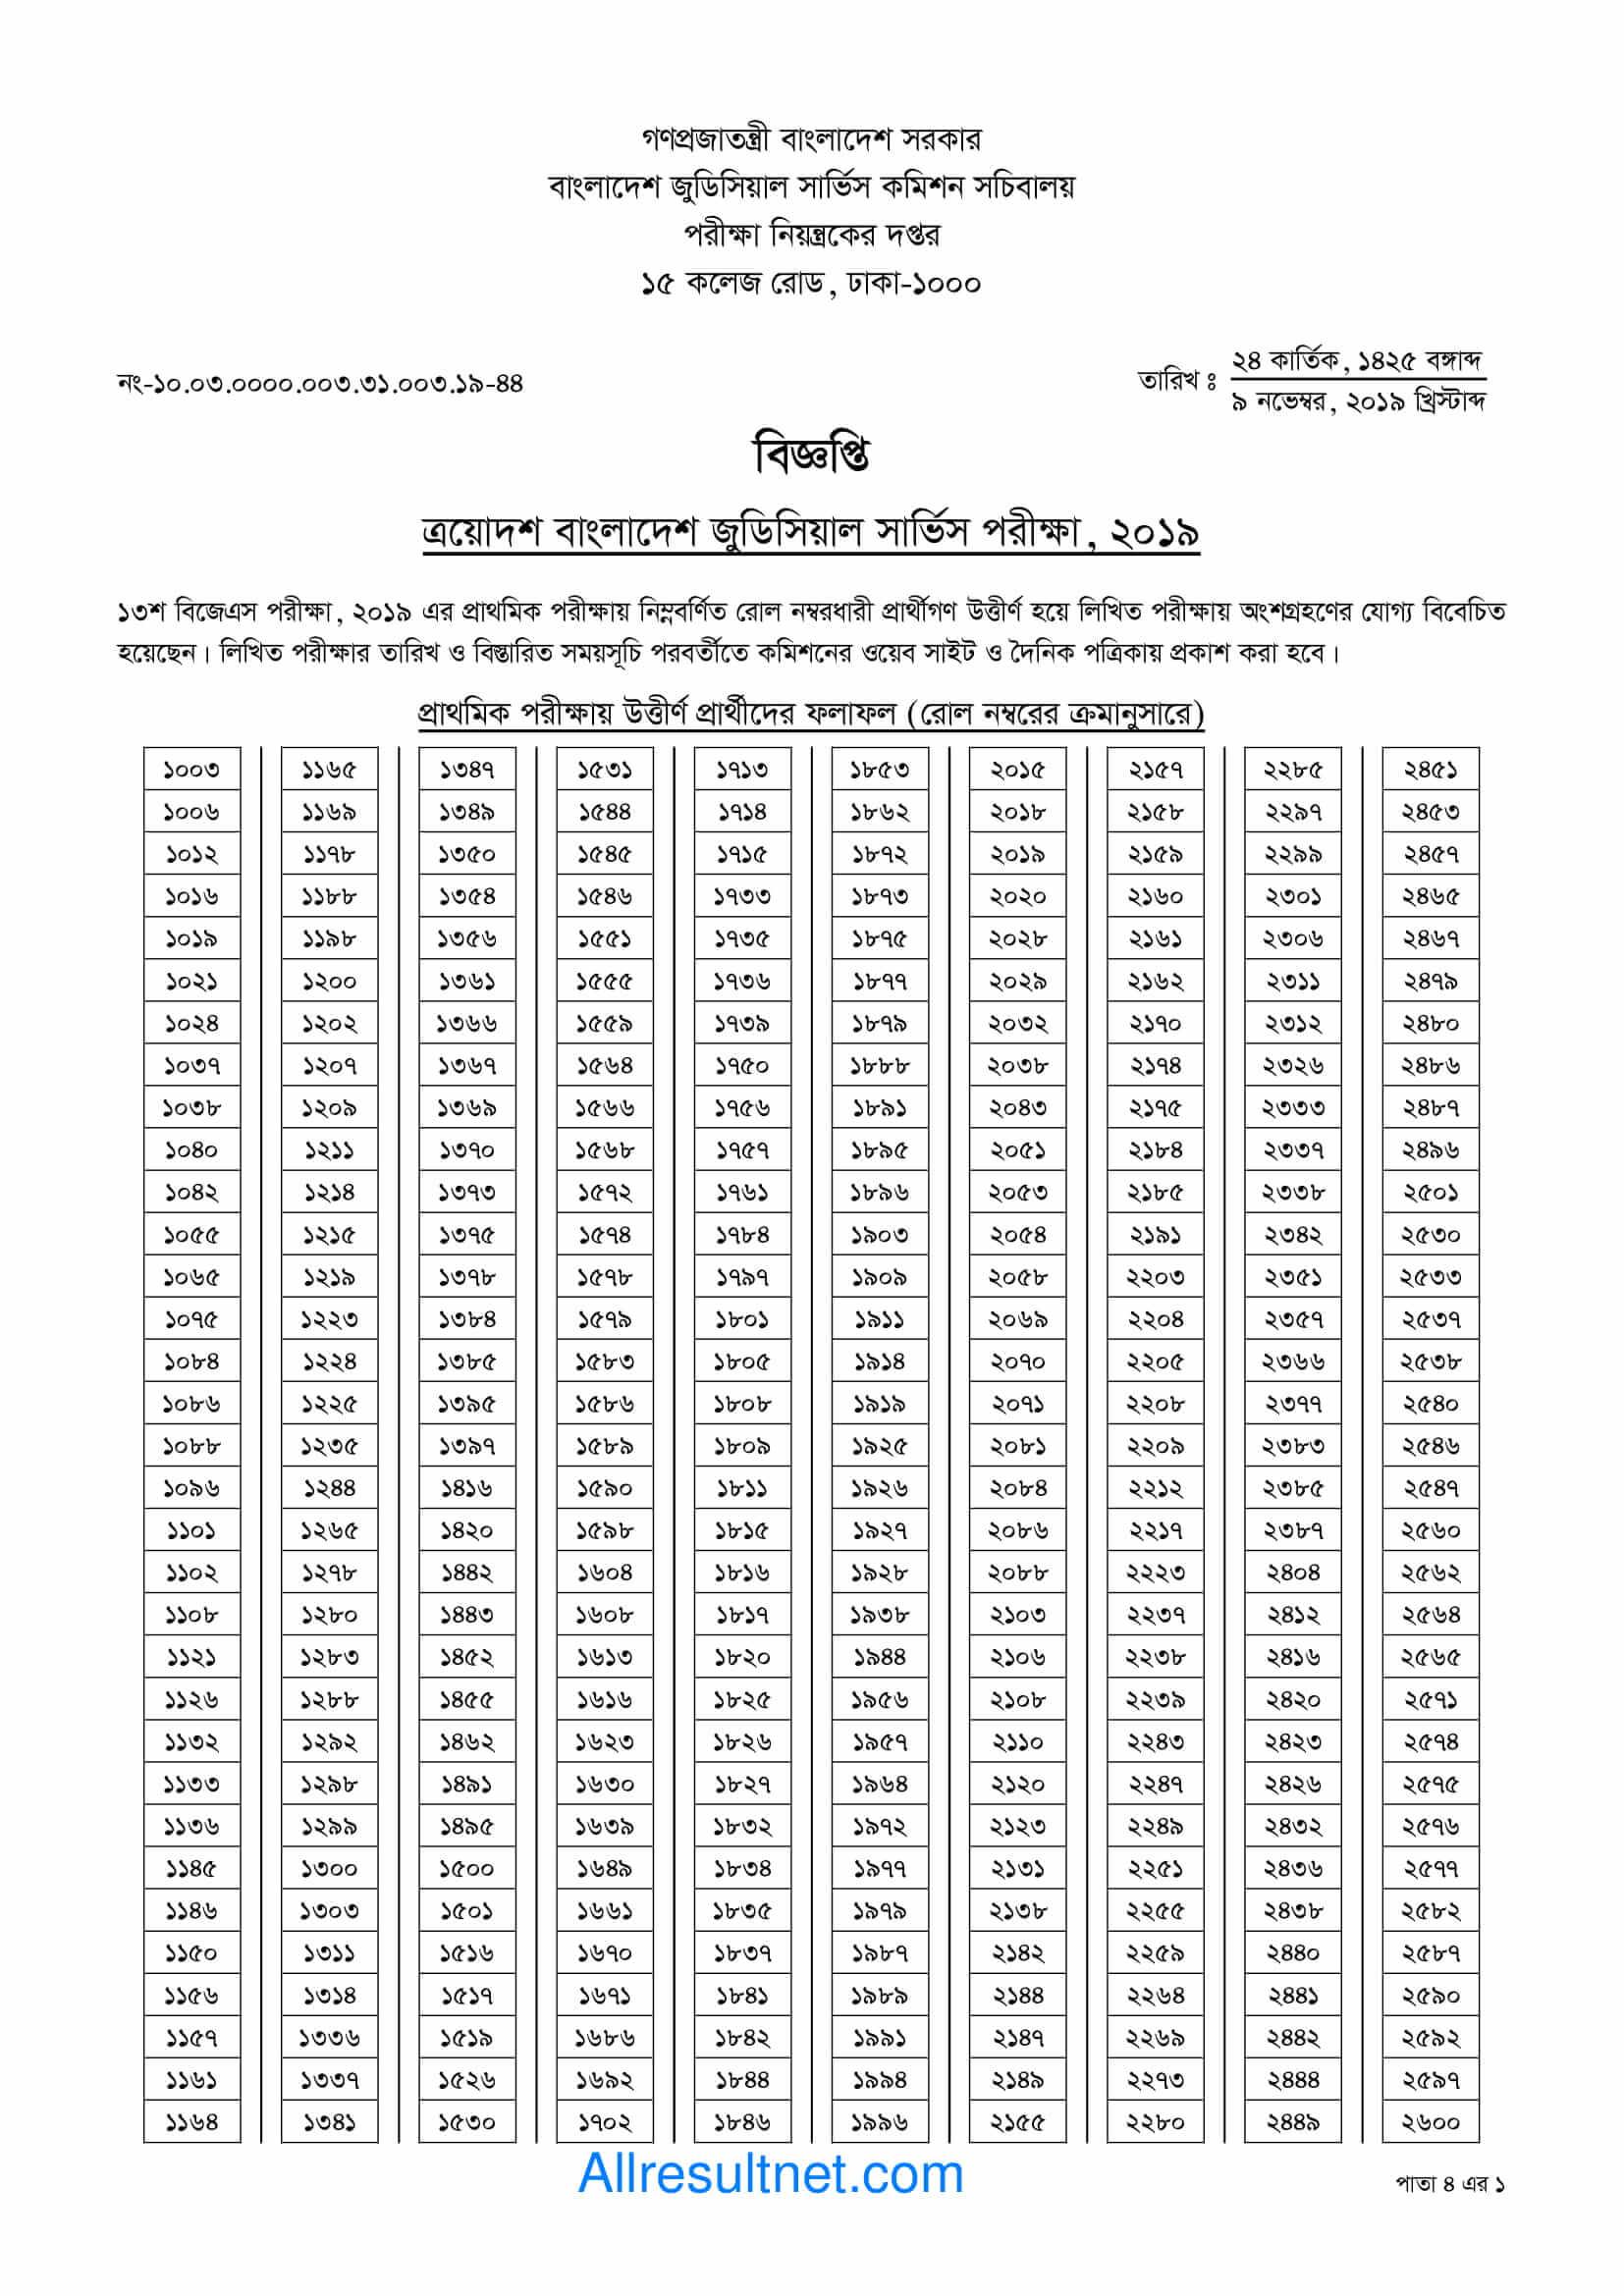 13th BJSC Result 2019